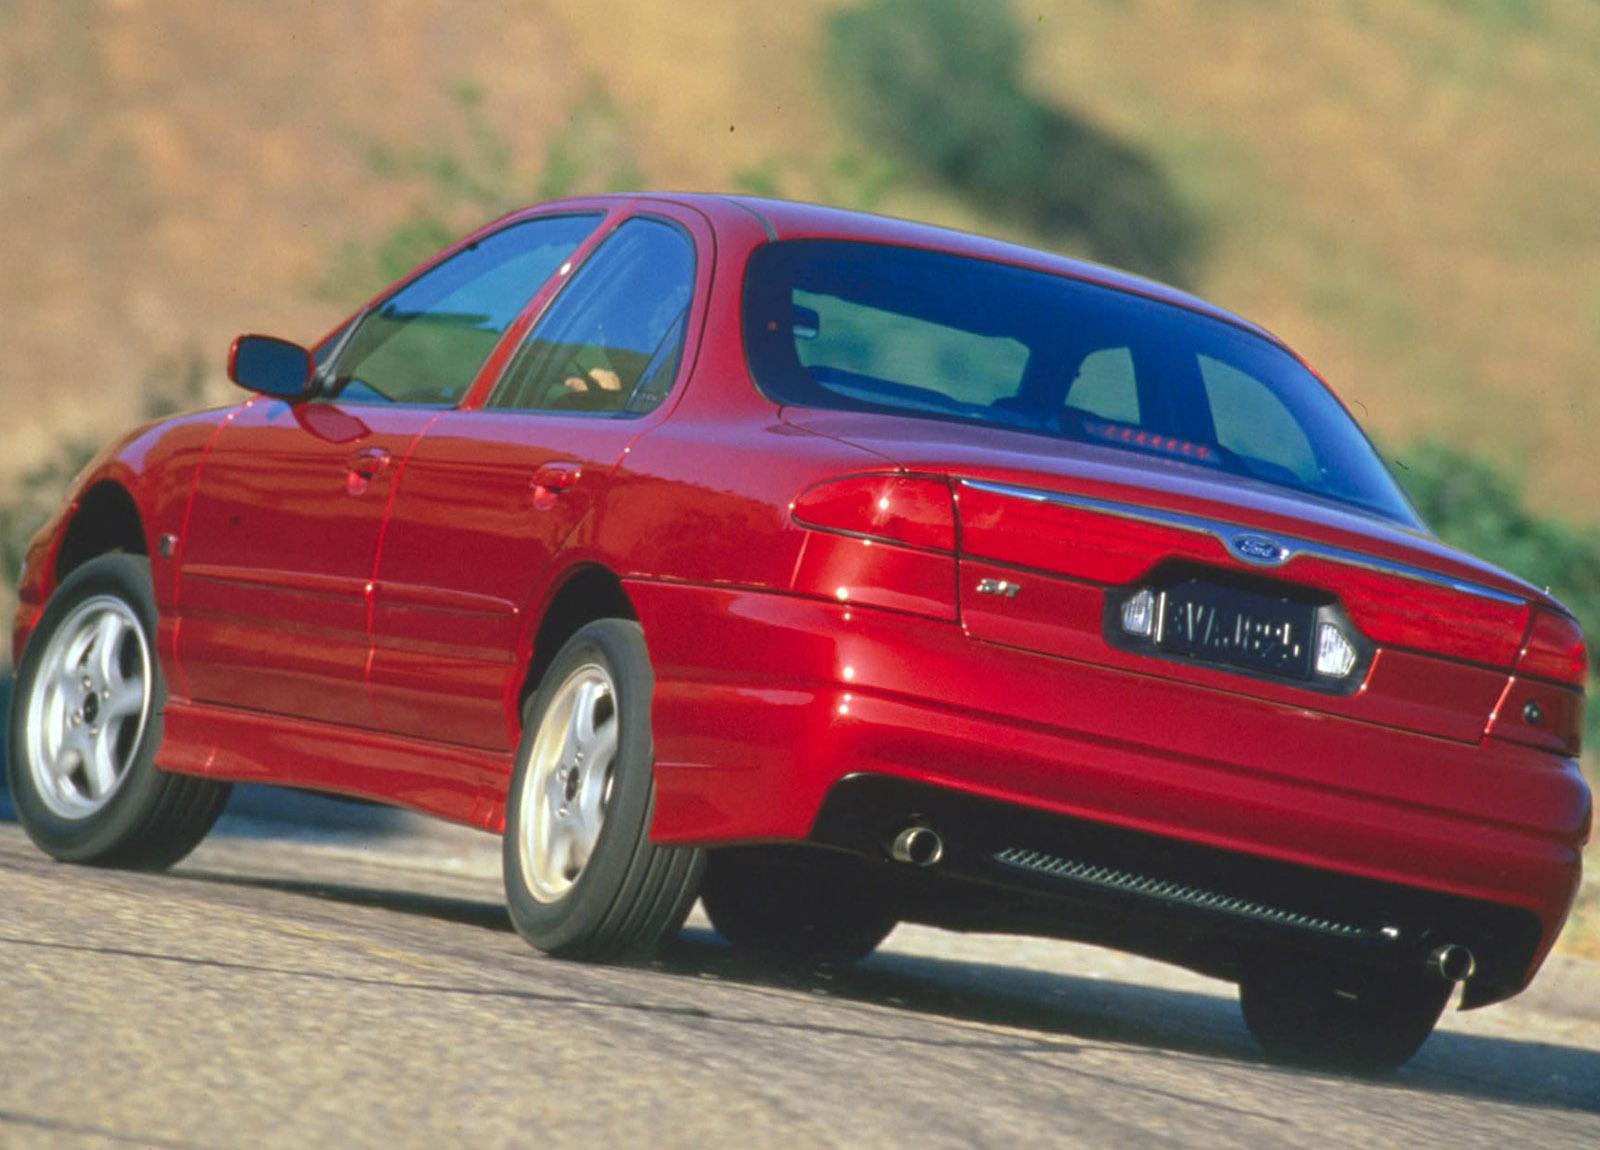 2000 Ford Svt Contour Hd Pictures Carsinvasion Com